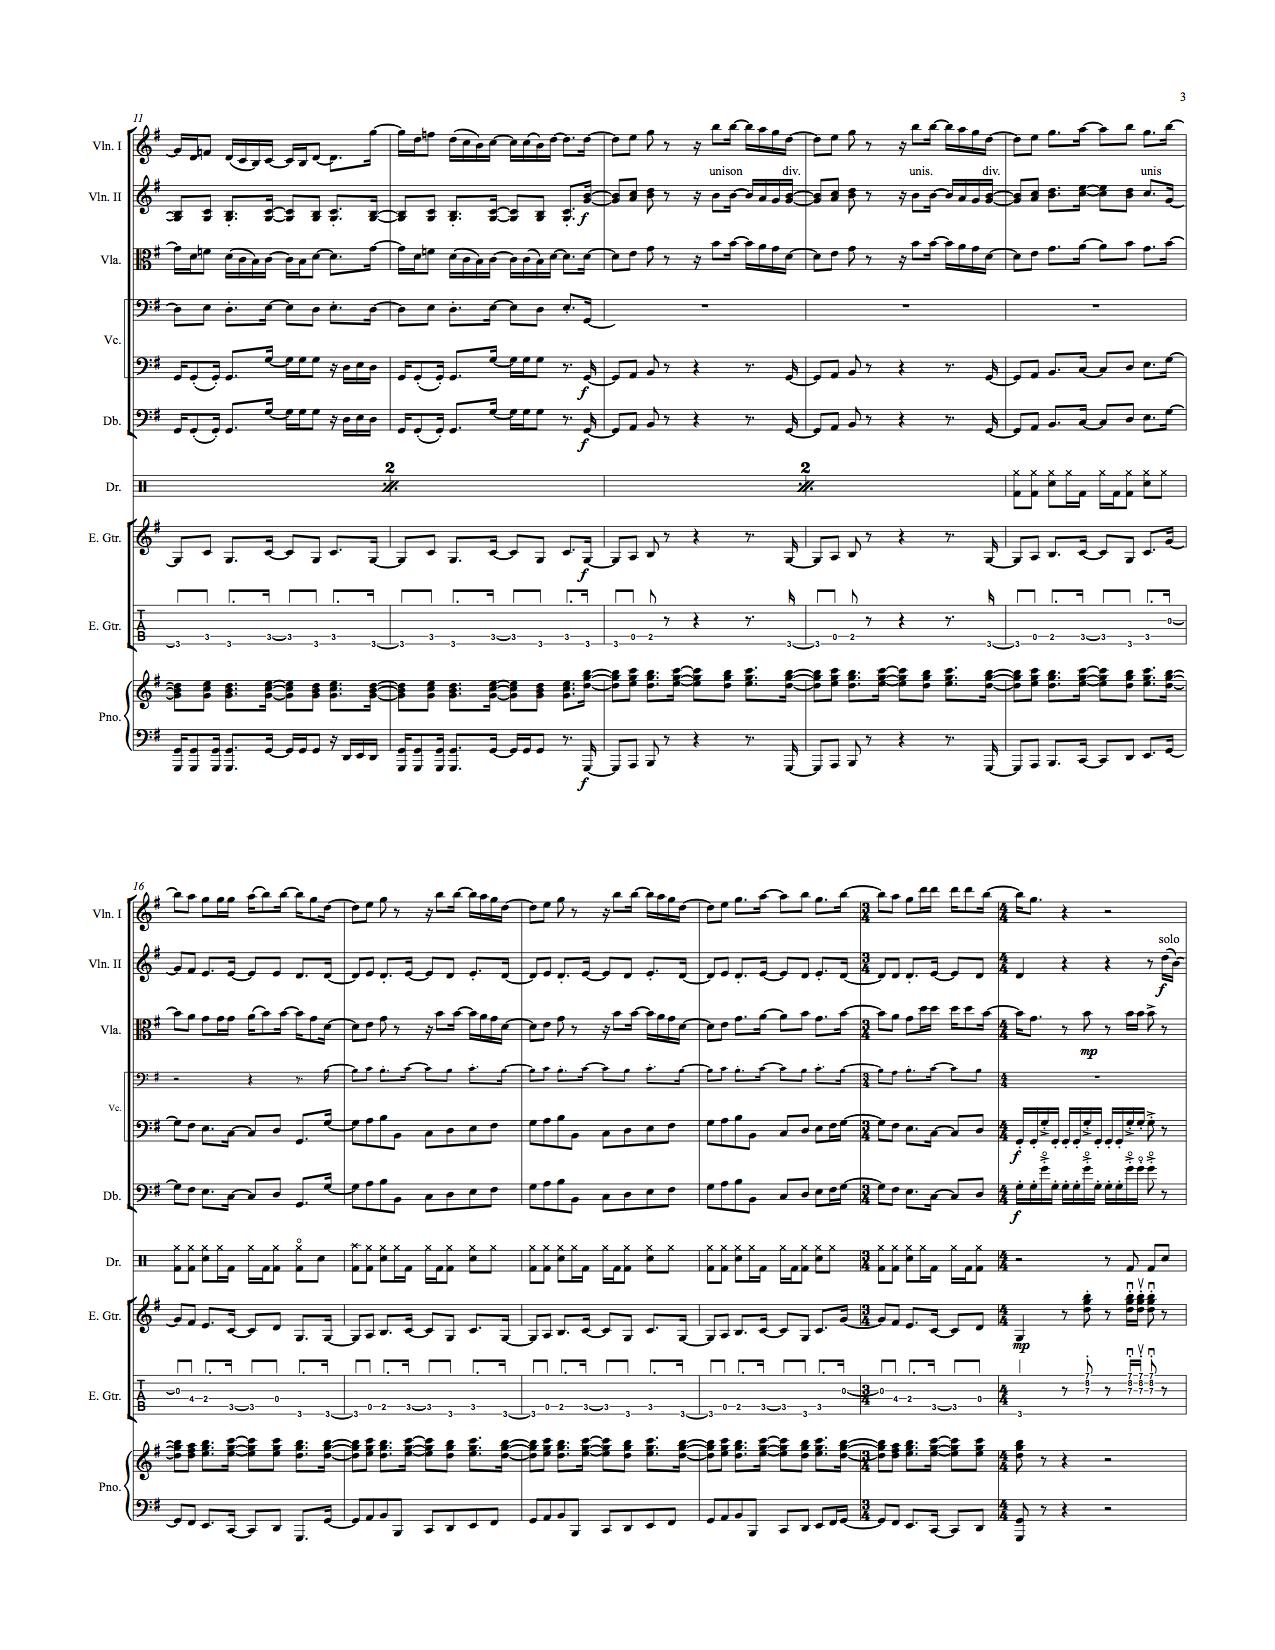 Jackson 5 Medley Score for website 3.jpg